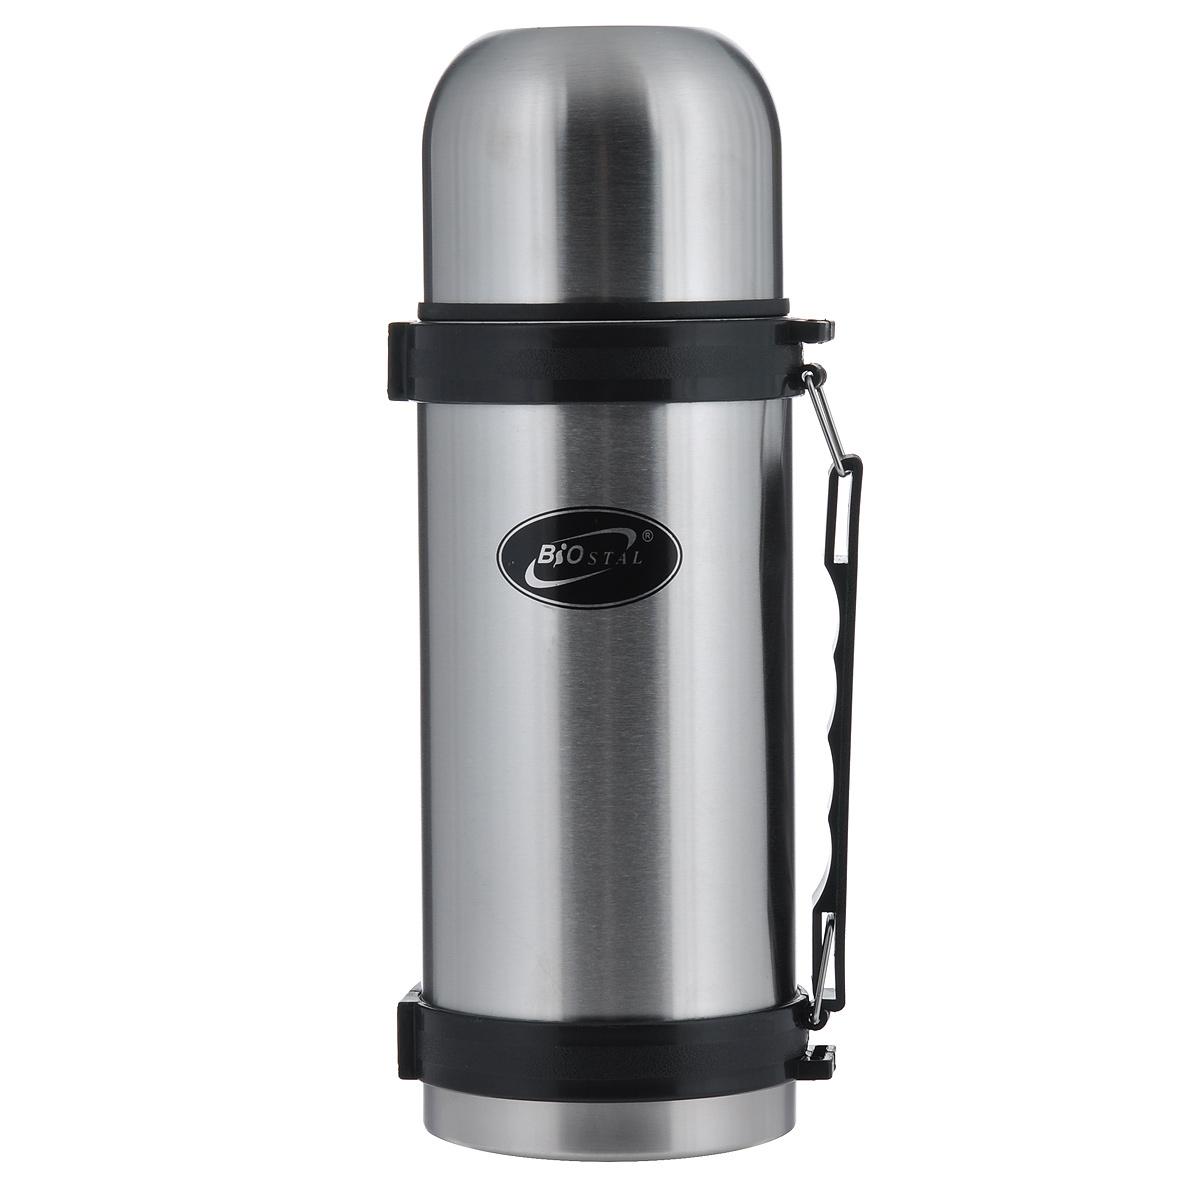 Термос BIOSTAL, 1,2 л. NY-1200-2NY-1200-2Термос с узким горлом BIOSTAL, изготовленный из высококачественной нержавеющей стали, относится к классической серии. Термосы этой серии, являющейся лидером продаж, просты в использовании, экономичны и многофункциональны. Термос предназначен для хранения горячих и холодных напитков (чая, кофе) и укомплектован пробкой с кнопкой. Такая пробка удобна в использовании и позволяет, не отвинчивая ее, наливать напитки после простого нажатия. Изделие также оснащено крышкой-чашкой, и удобной пластиковой ручкой. Легкий и прочный термос BIOSTAL сохранит ваши напитки горячими или холодными надолго.